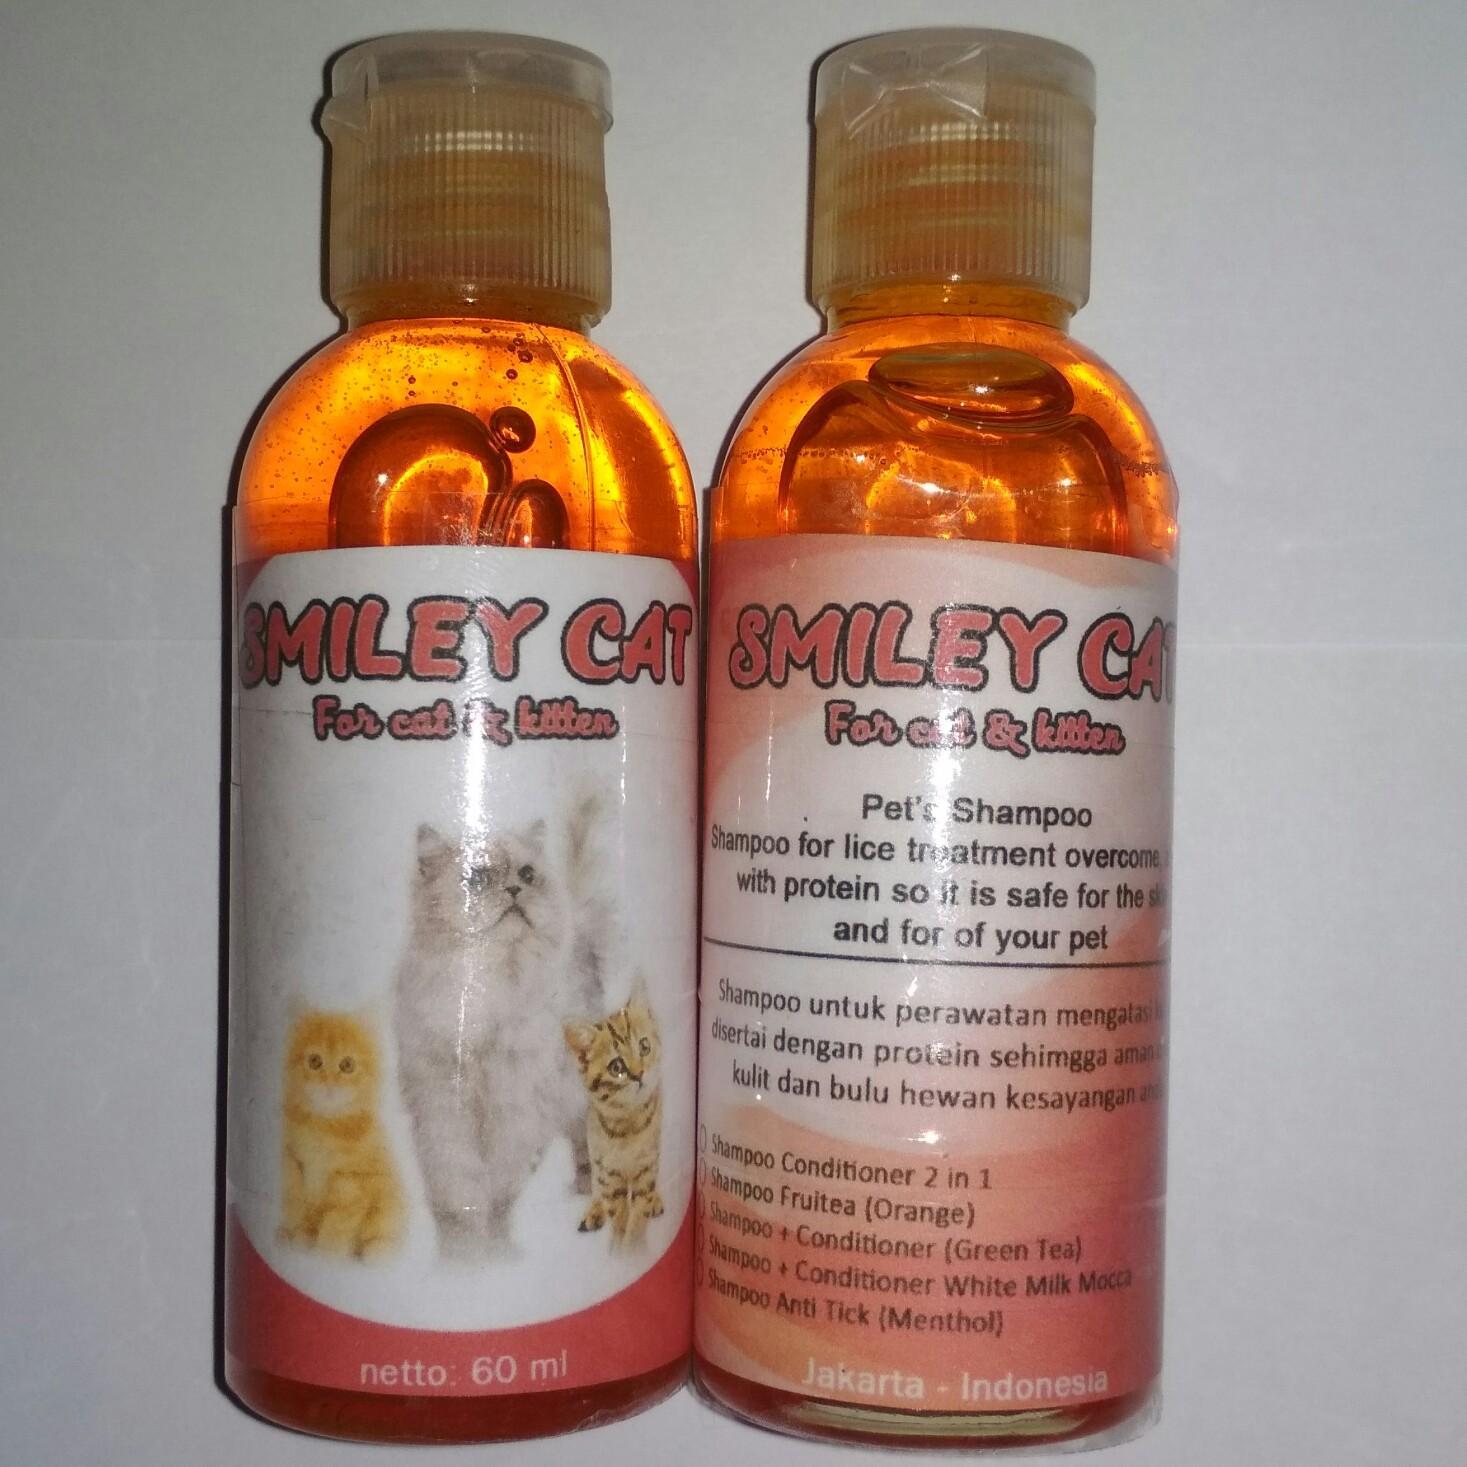 Jual Sampo Kucing Terbaik Shampoo Anti Kutu Lice Wangi Melembutkan Bulu Mengurangi Rontok